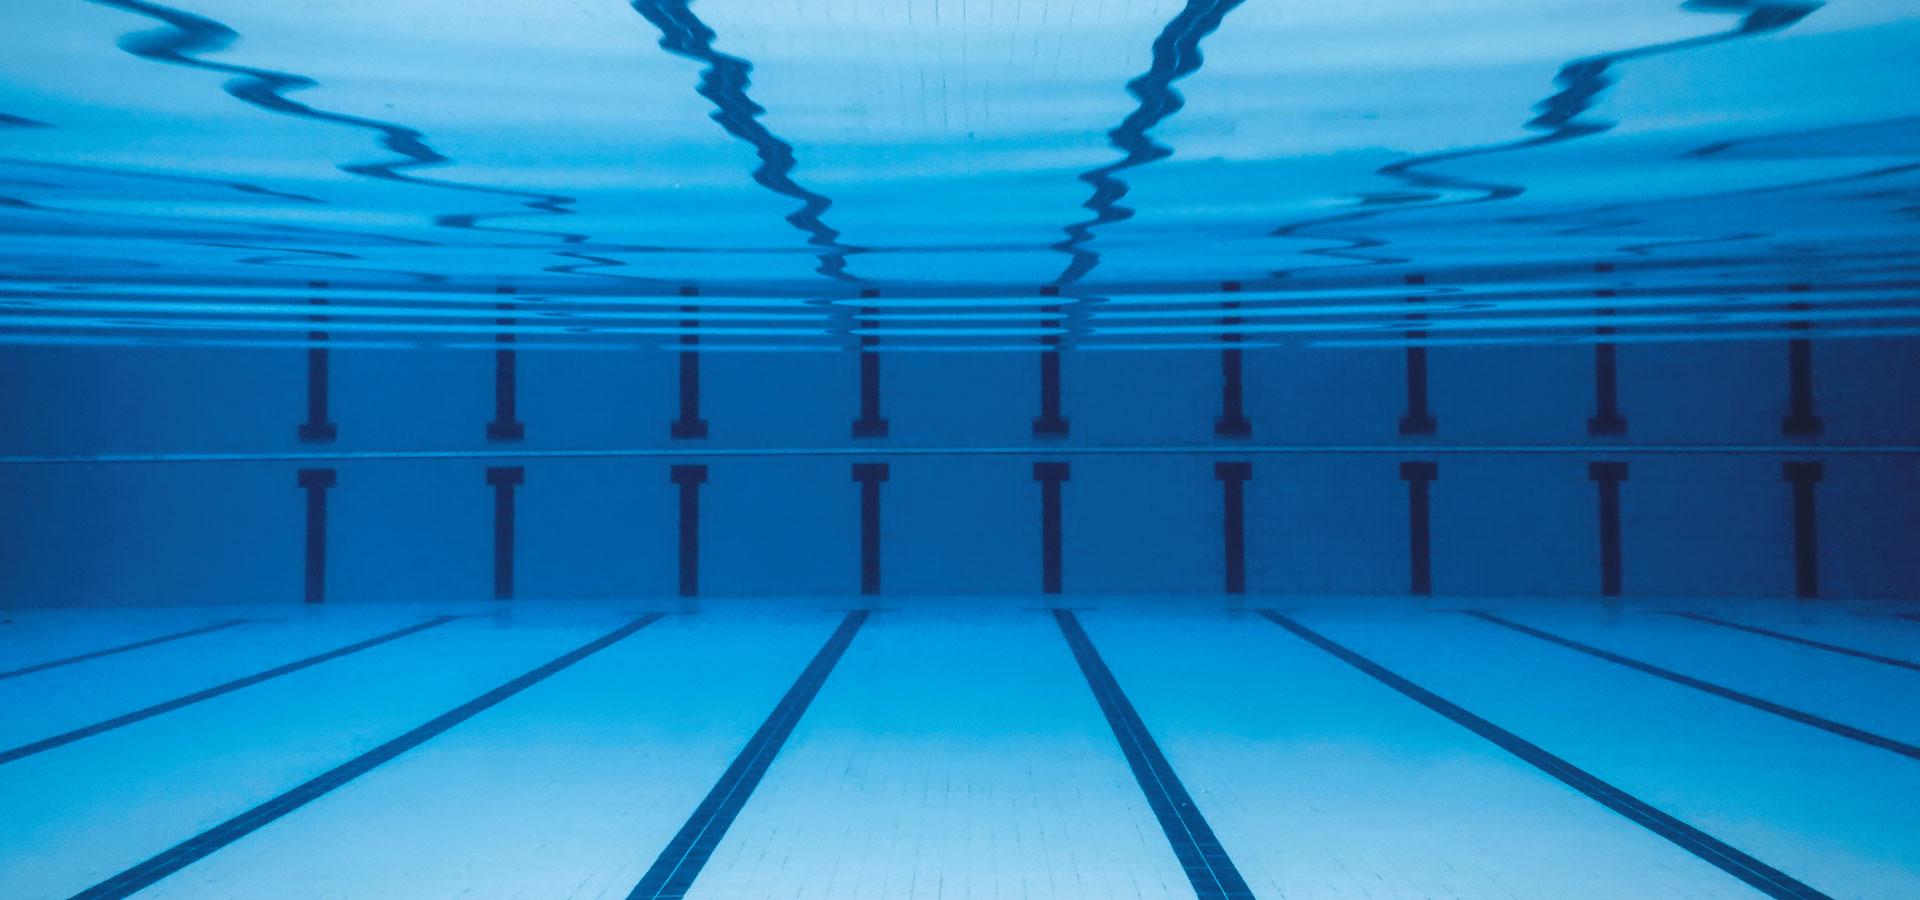 Come preparare la piscina per la chiusura invernale